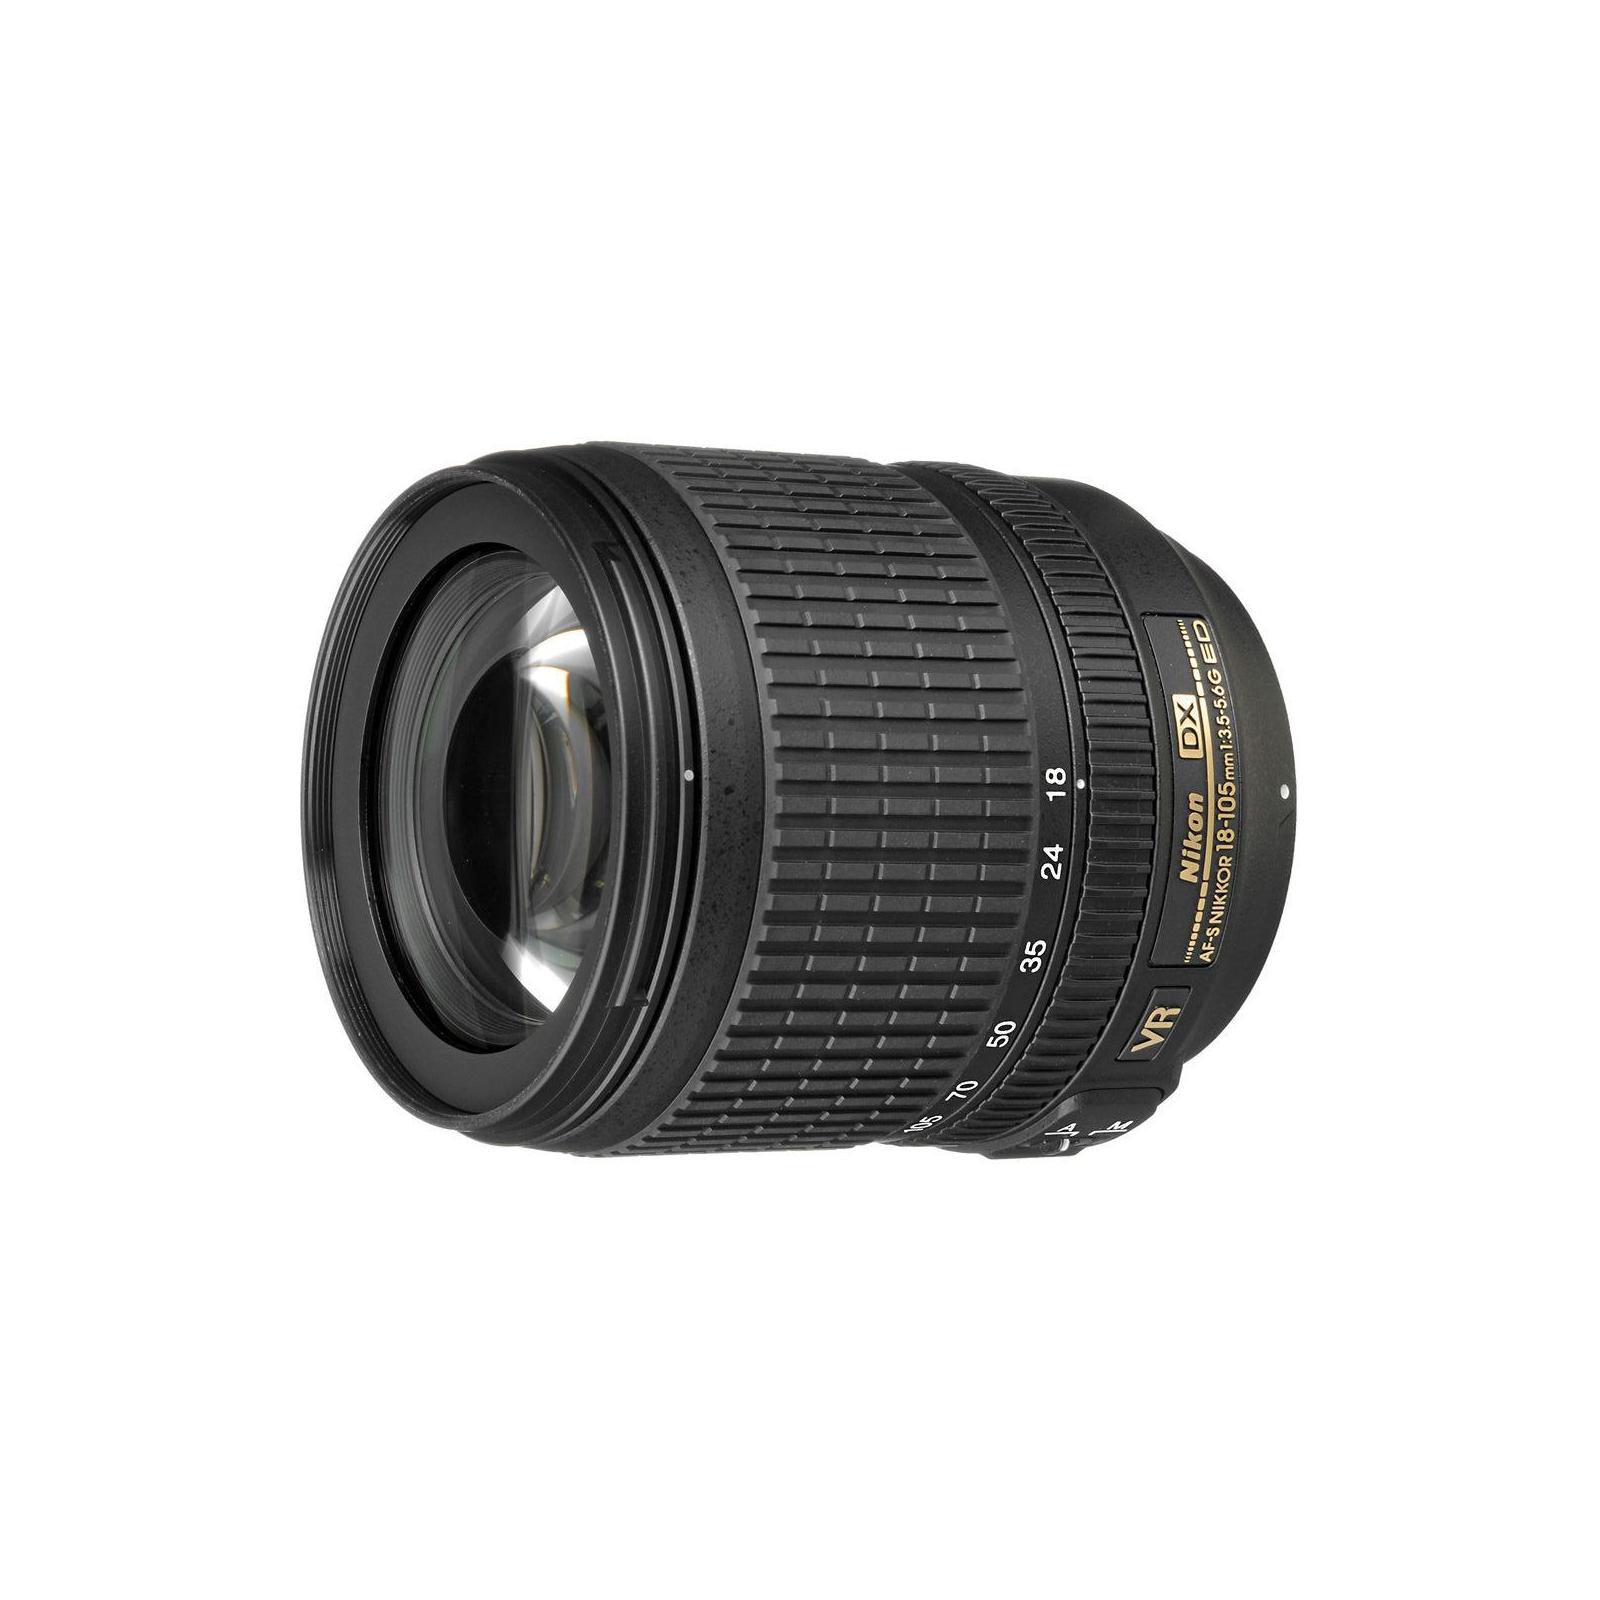 Объектив Nikon 18-105mm f/3.5-5.6G AF-S DX ED VR (JAA805DD) изображение 2